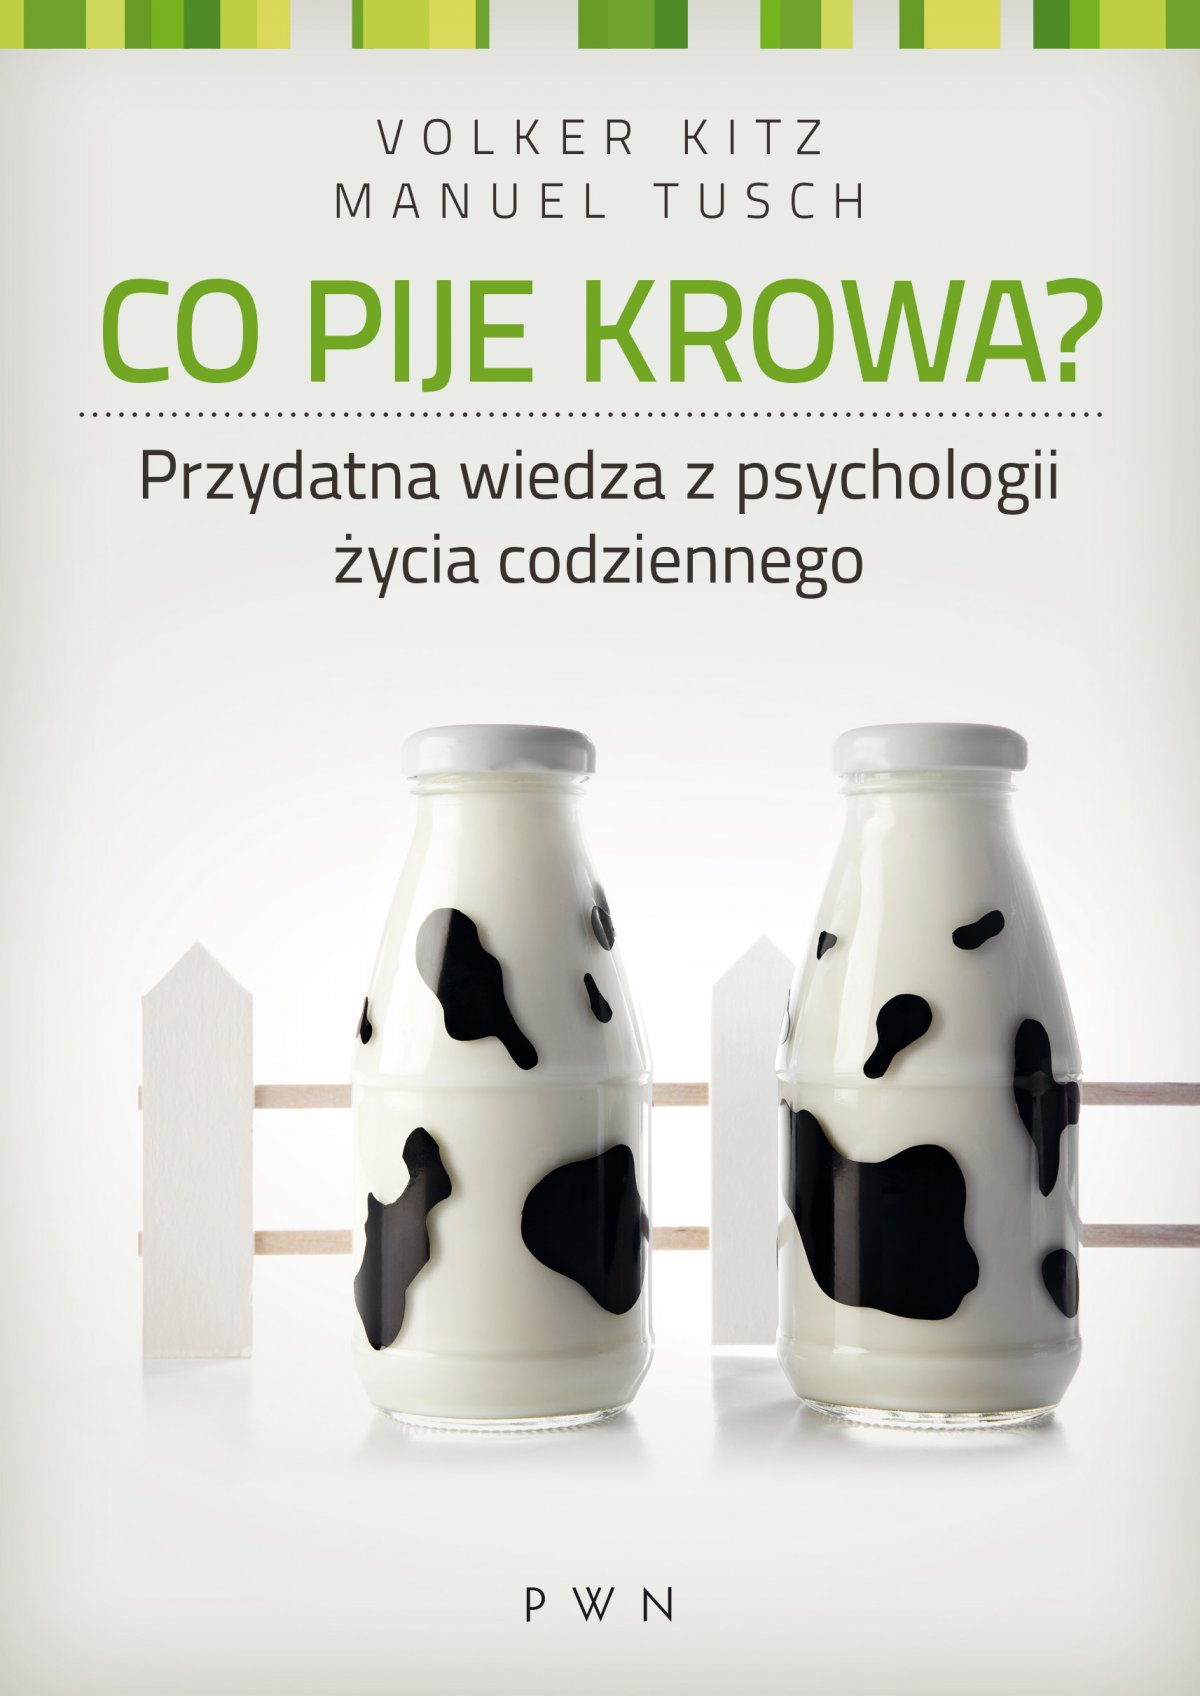 Co pije krowa - Ebook (Książka EPUB) do pobrania w formacie EPUB